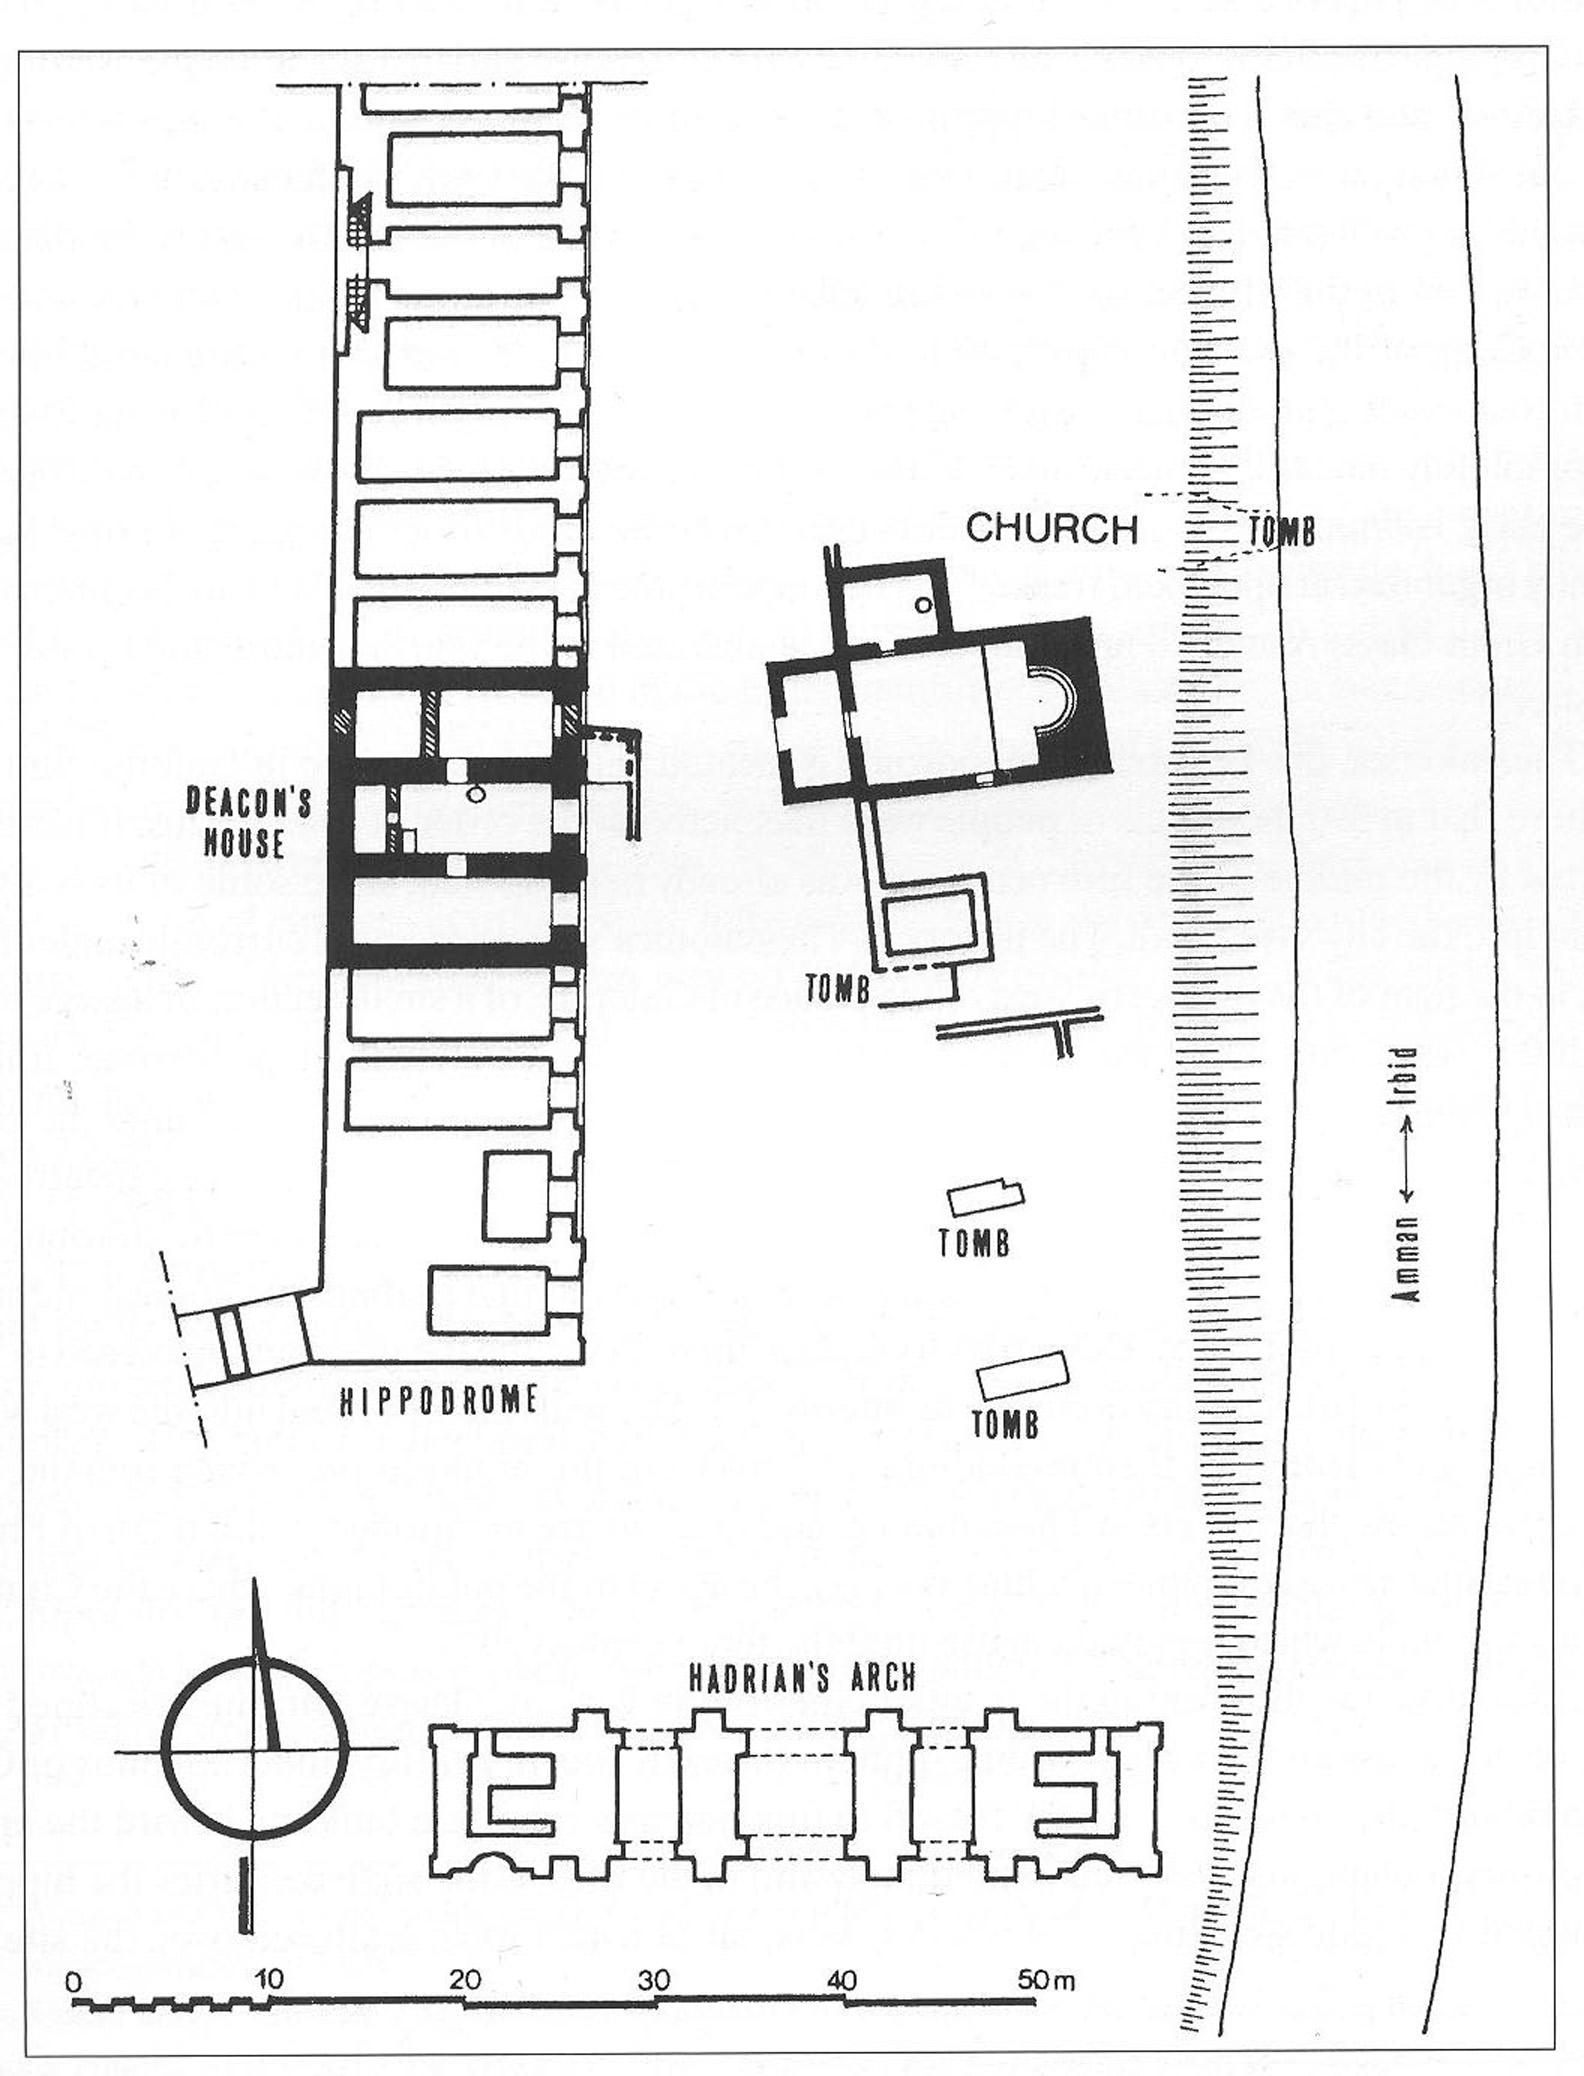 Großzügig Dometic Schaltplan 293 21 77 Galerie - Elektrische ...